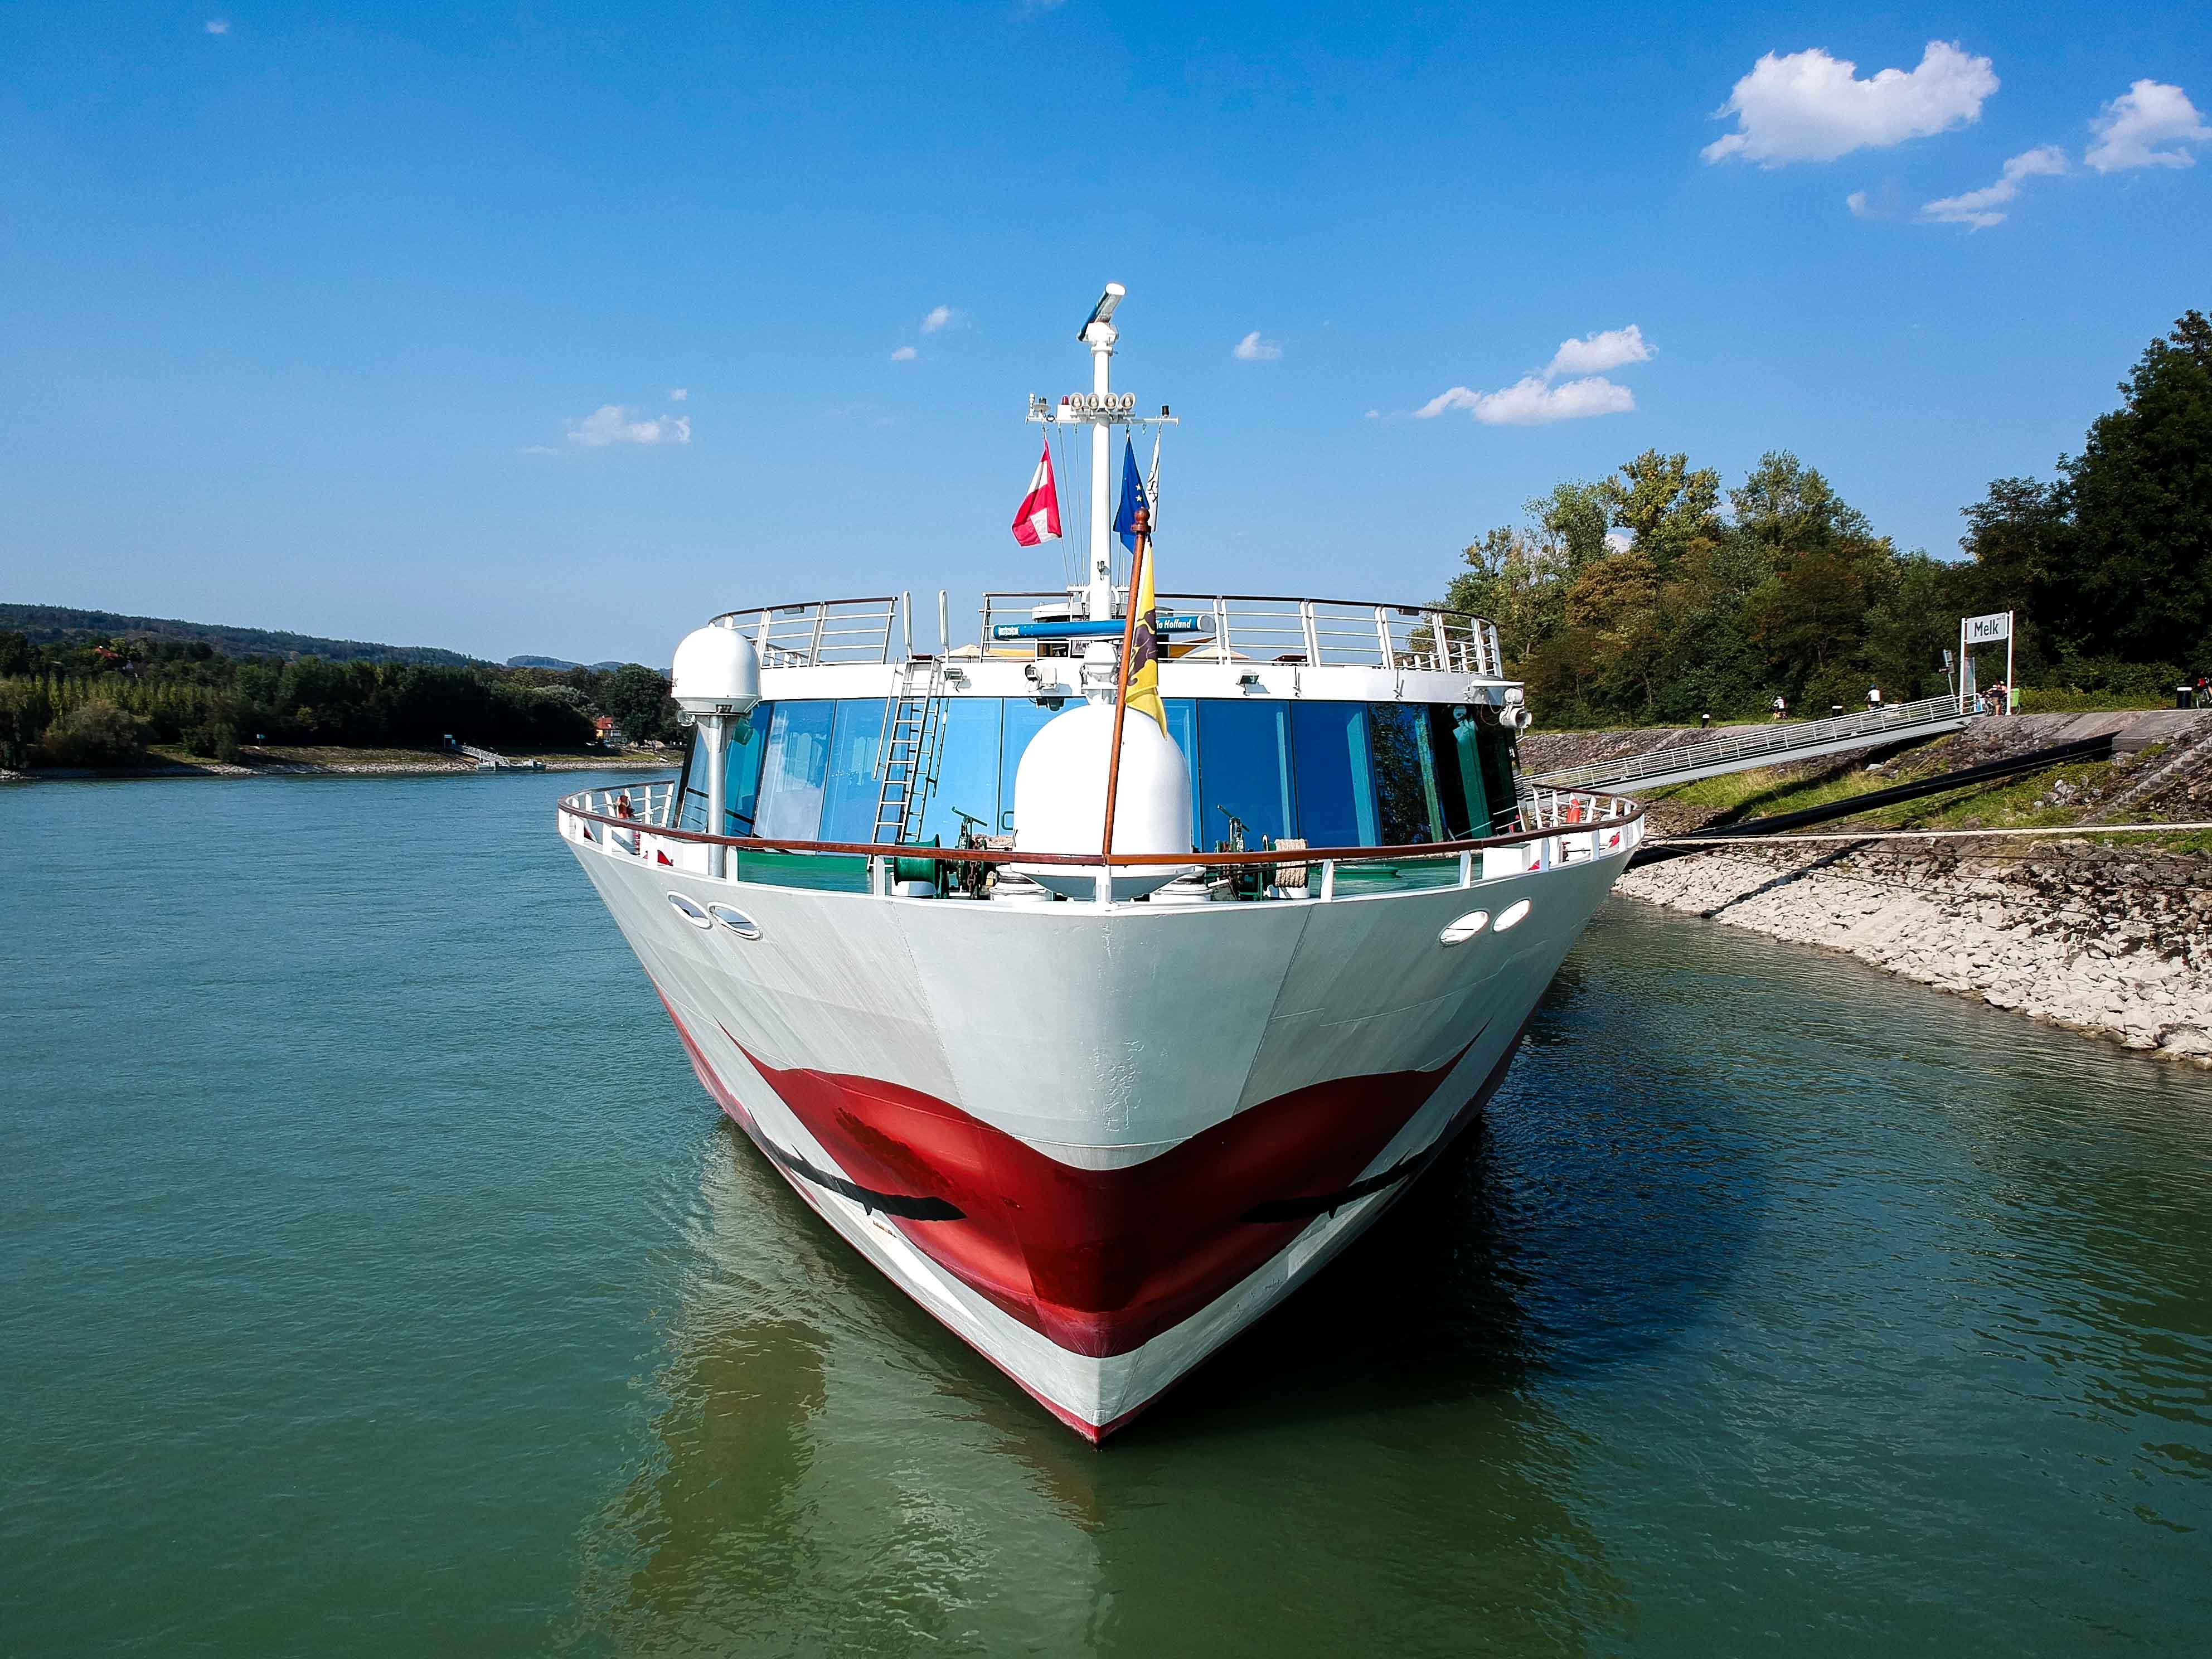 Donaukreuzfahrt-A-Rosa-Bella-Flusskreuzfahrtschiff-Donau-Arosa-Logo-Rose